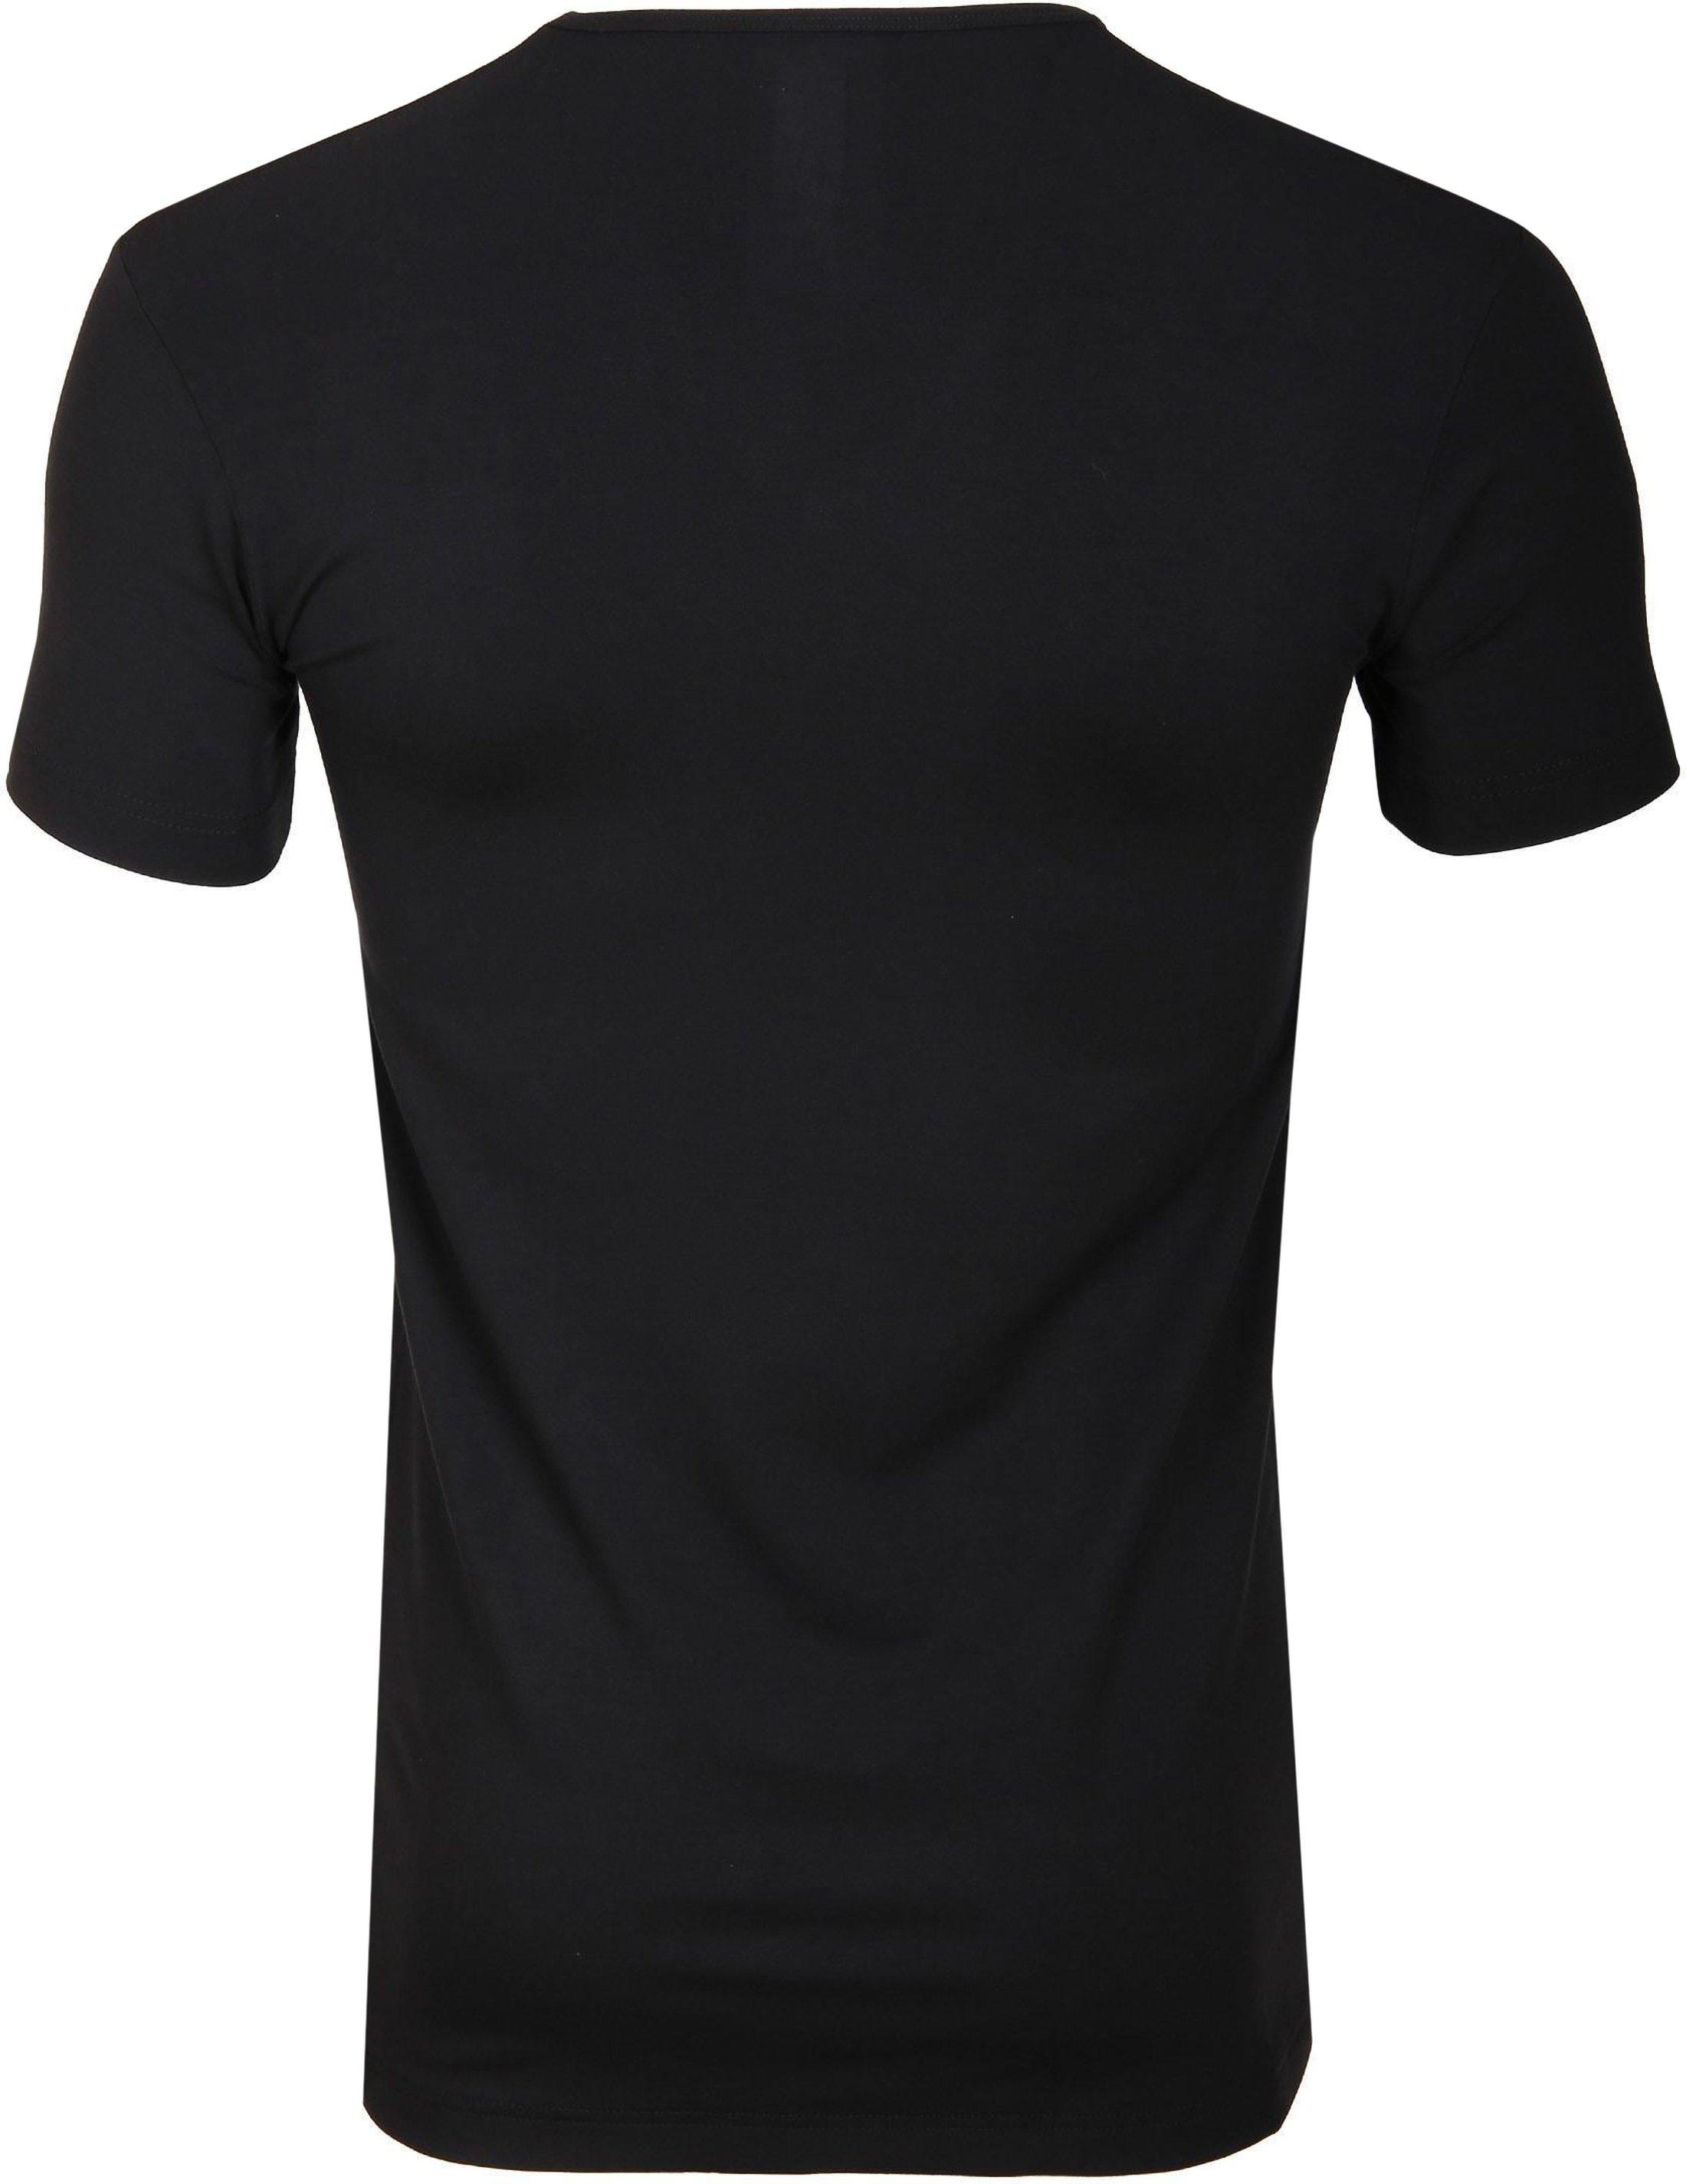 Alan Red Bamboo T-shirt Black foto 2